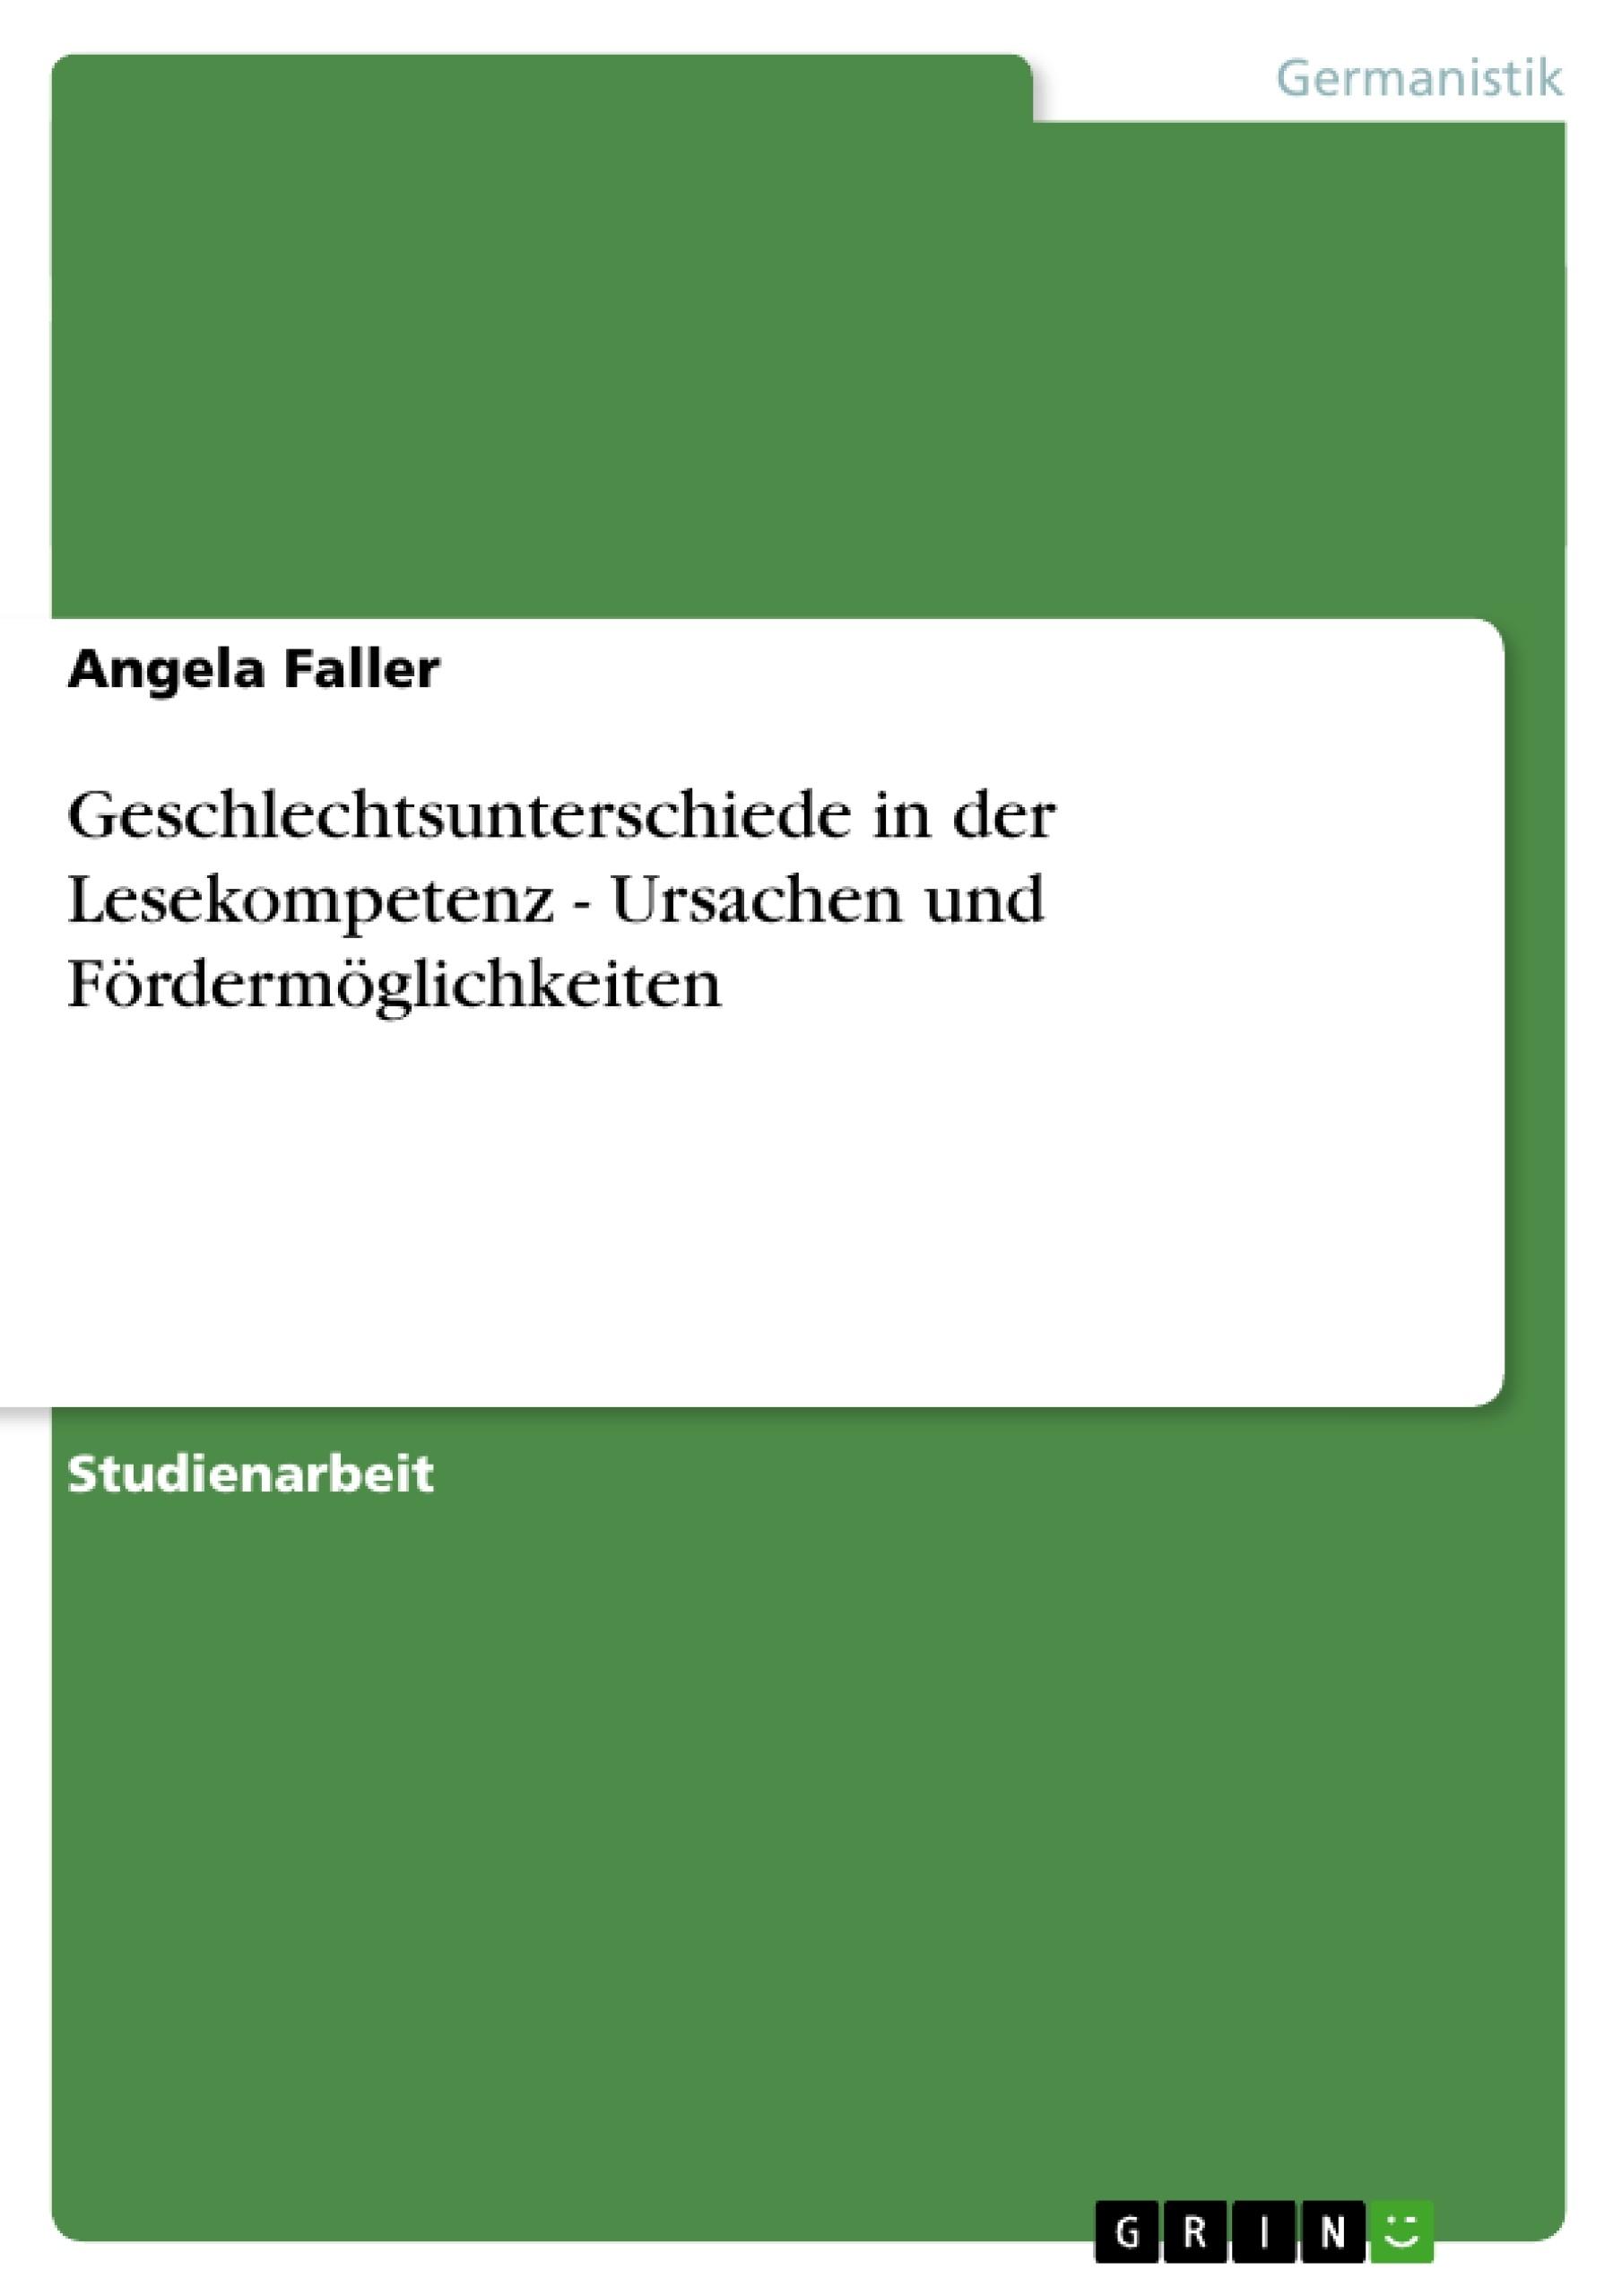 Titel: Geschlechtsunterschiede in der Lesekompetenz - Ursachen und Fördermöglichkeiten